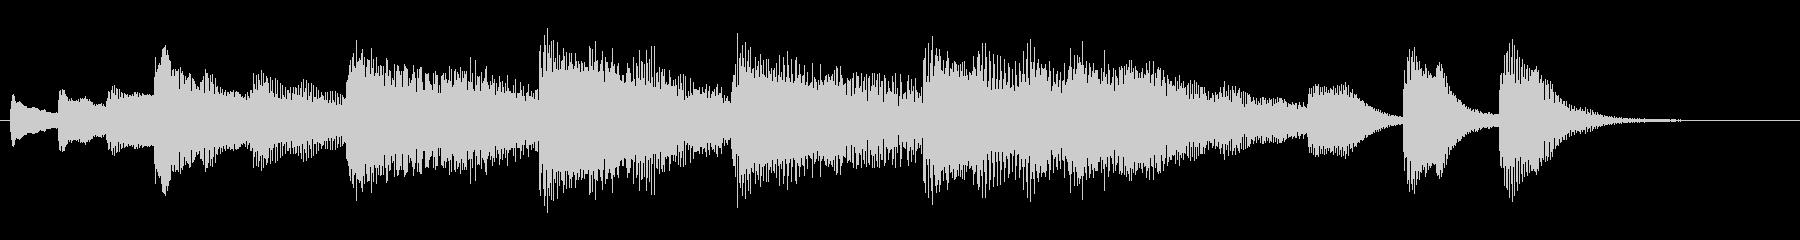 ペット・キッズ動画のエンディングカードの未再生の波形